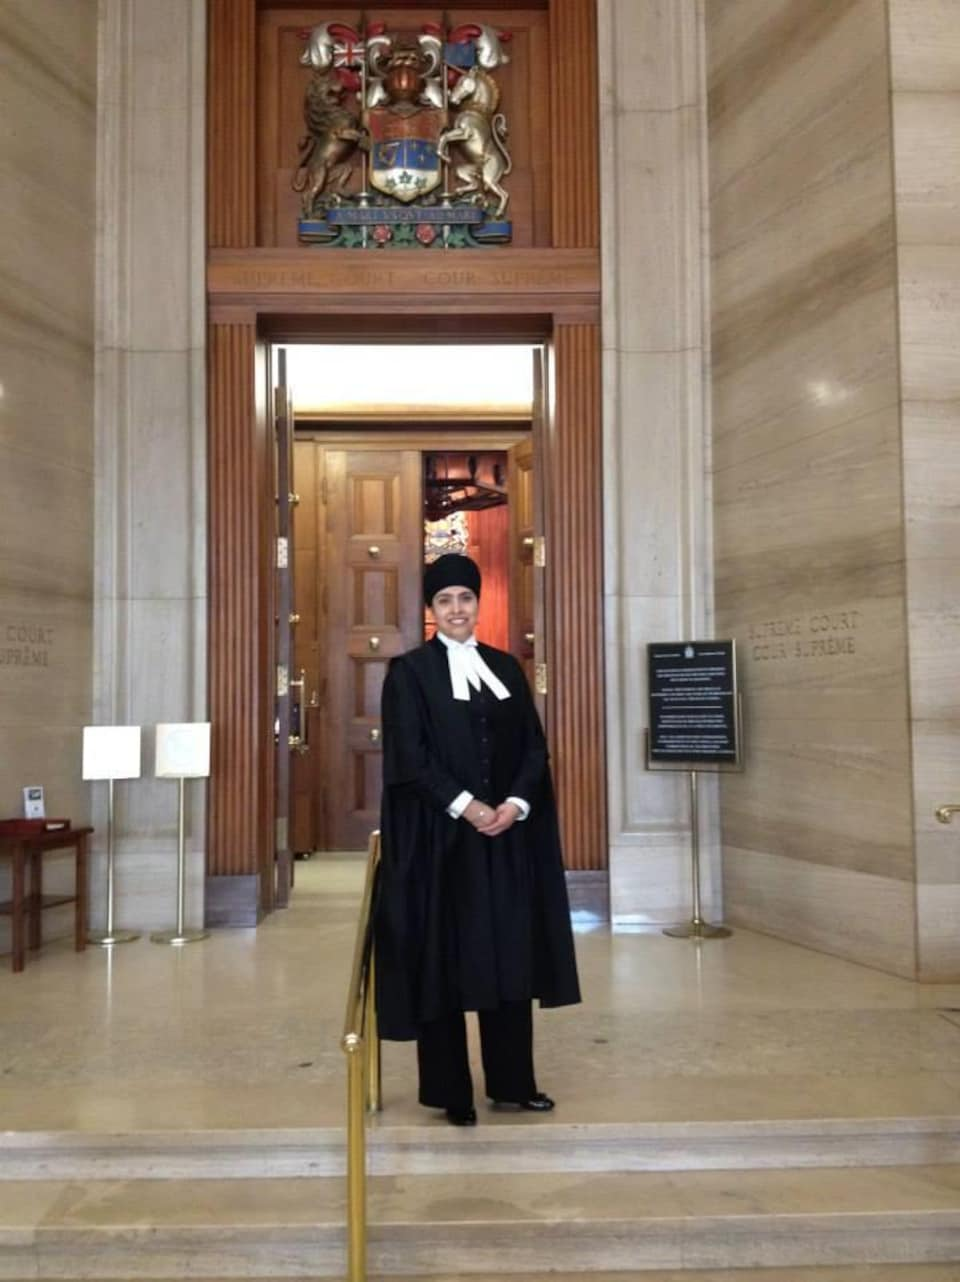 Palbinder Kaur Shergill  à la Cour suprême du Canada